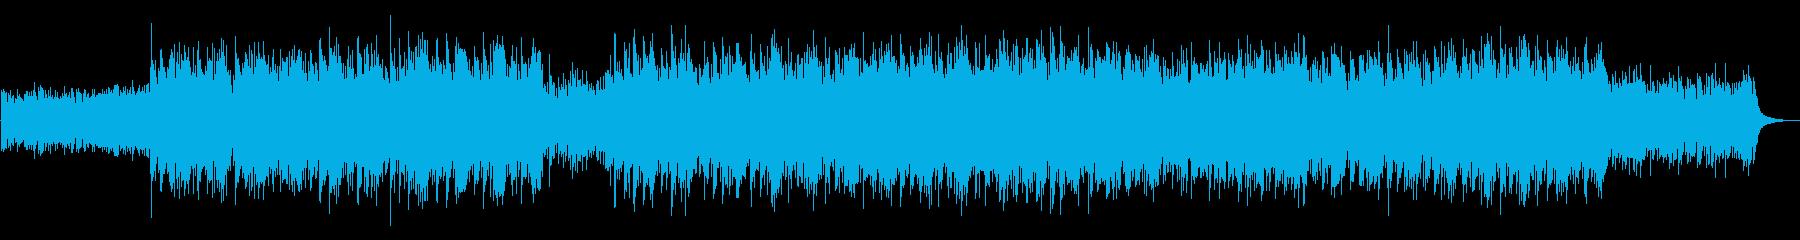 卒業/春/結婚/懐かしいピアノエレクトロの再生済みの波形